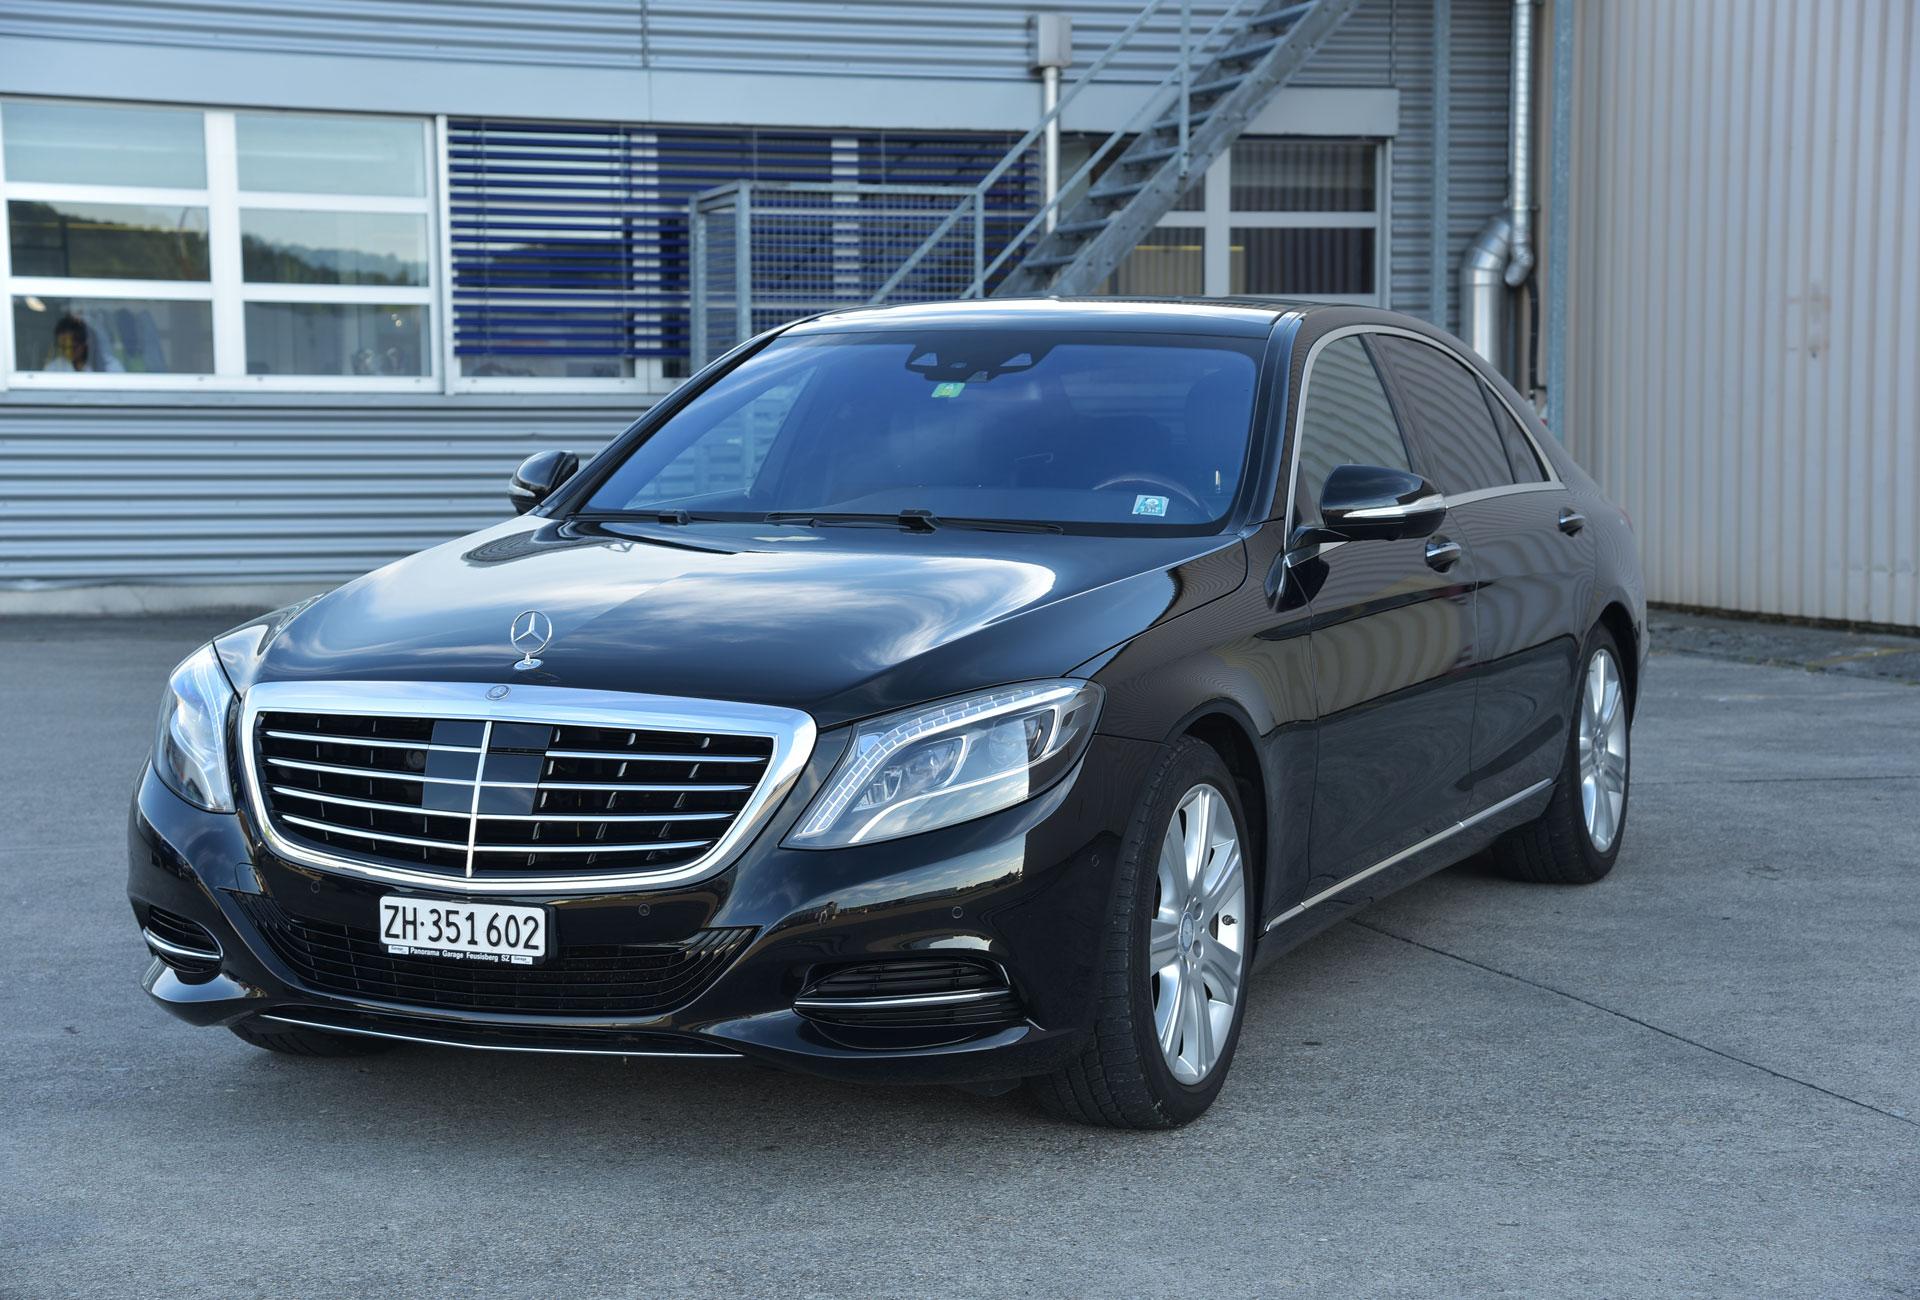 mercedes s class limousine - mercedes luxury limousine